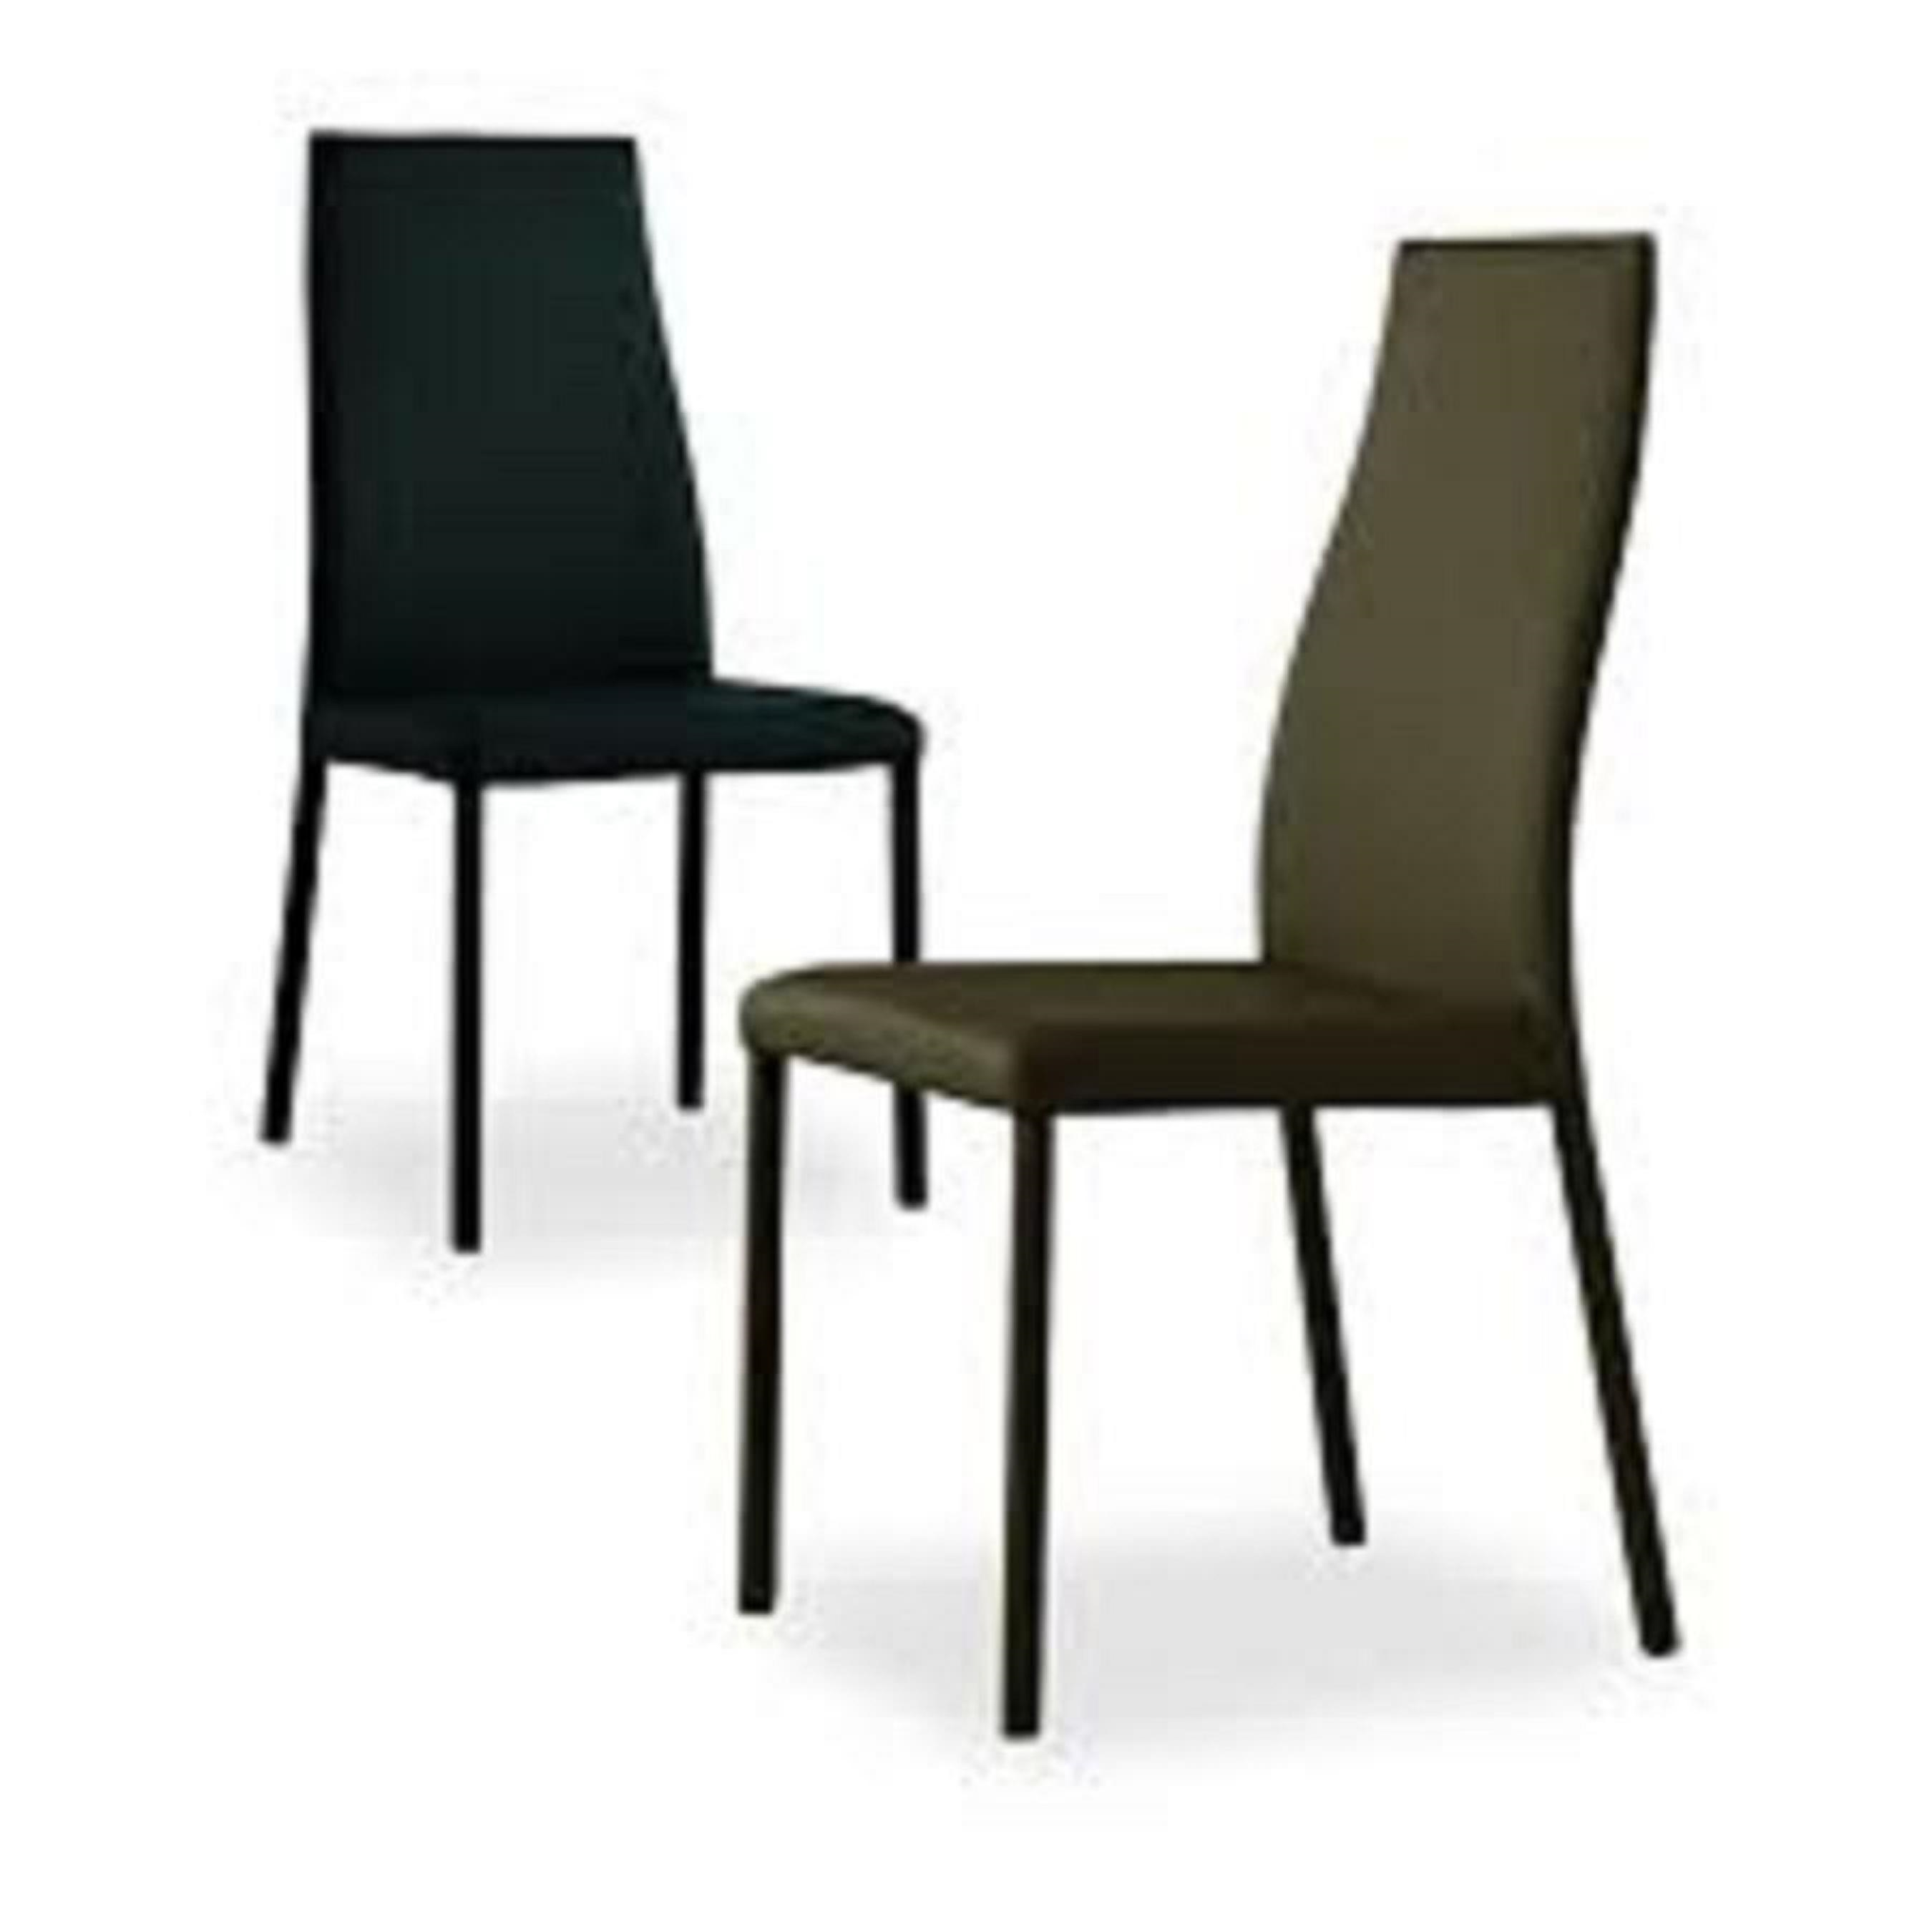 Grancasa mobili per esterno design casa creativa e for Offerte tavoli e sedie da esterno